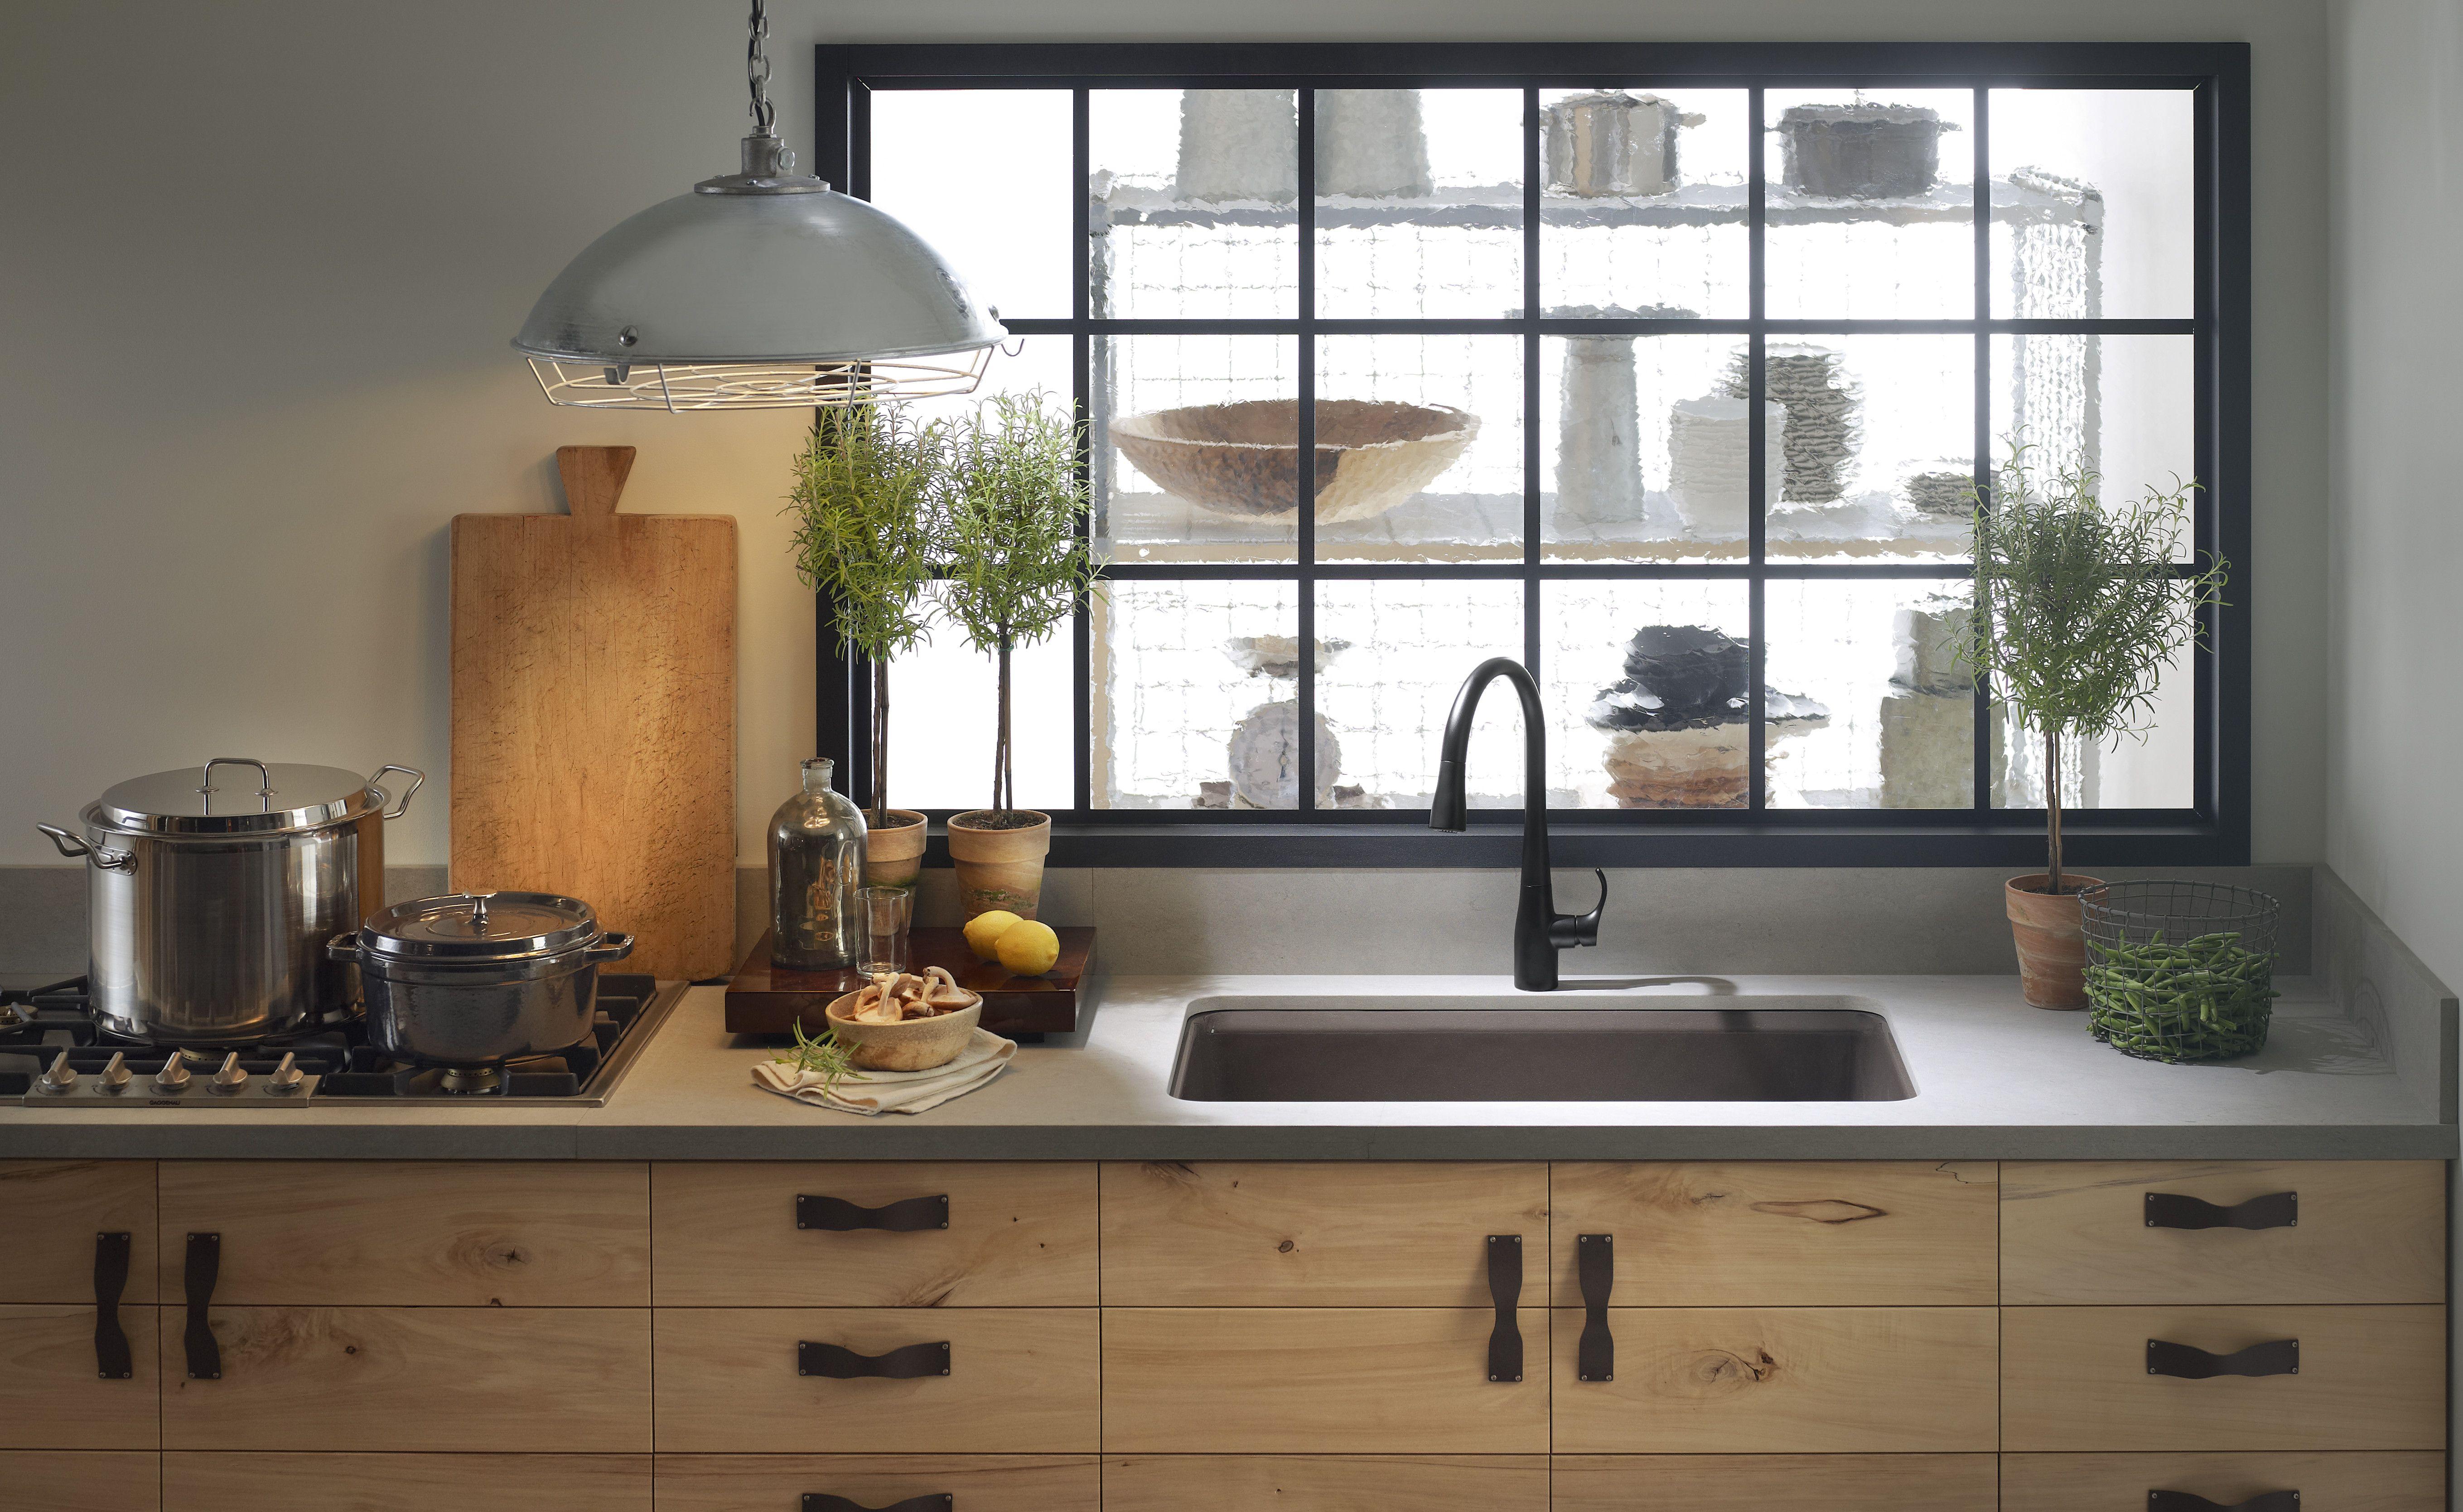 This Kohler Kitchen Is Amazing It S The Perfect Mix Of Modern And Rustic Mit Bildern Fenster Anthrazit Wohnen Kuche